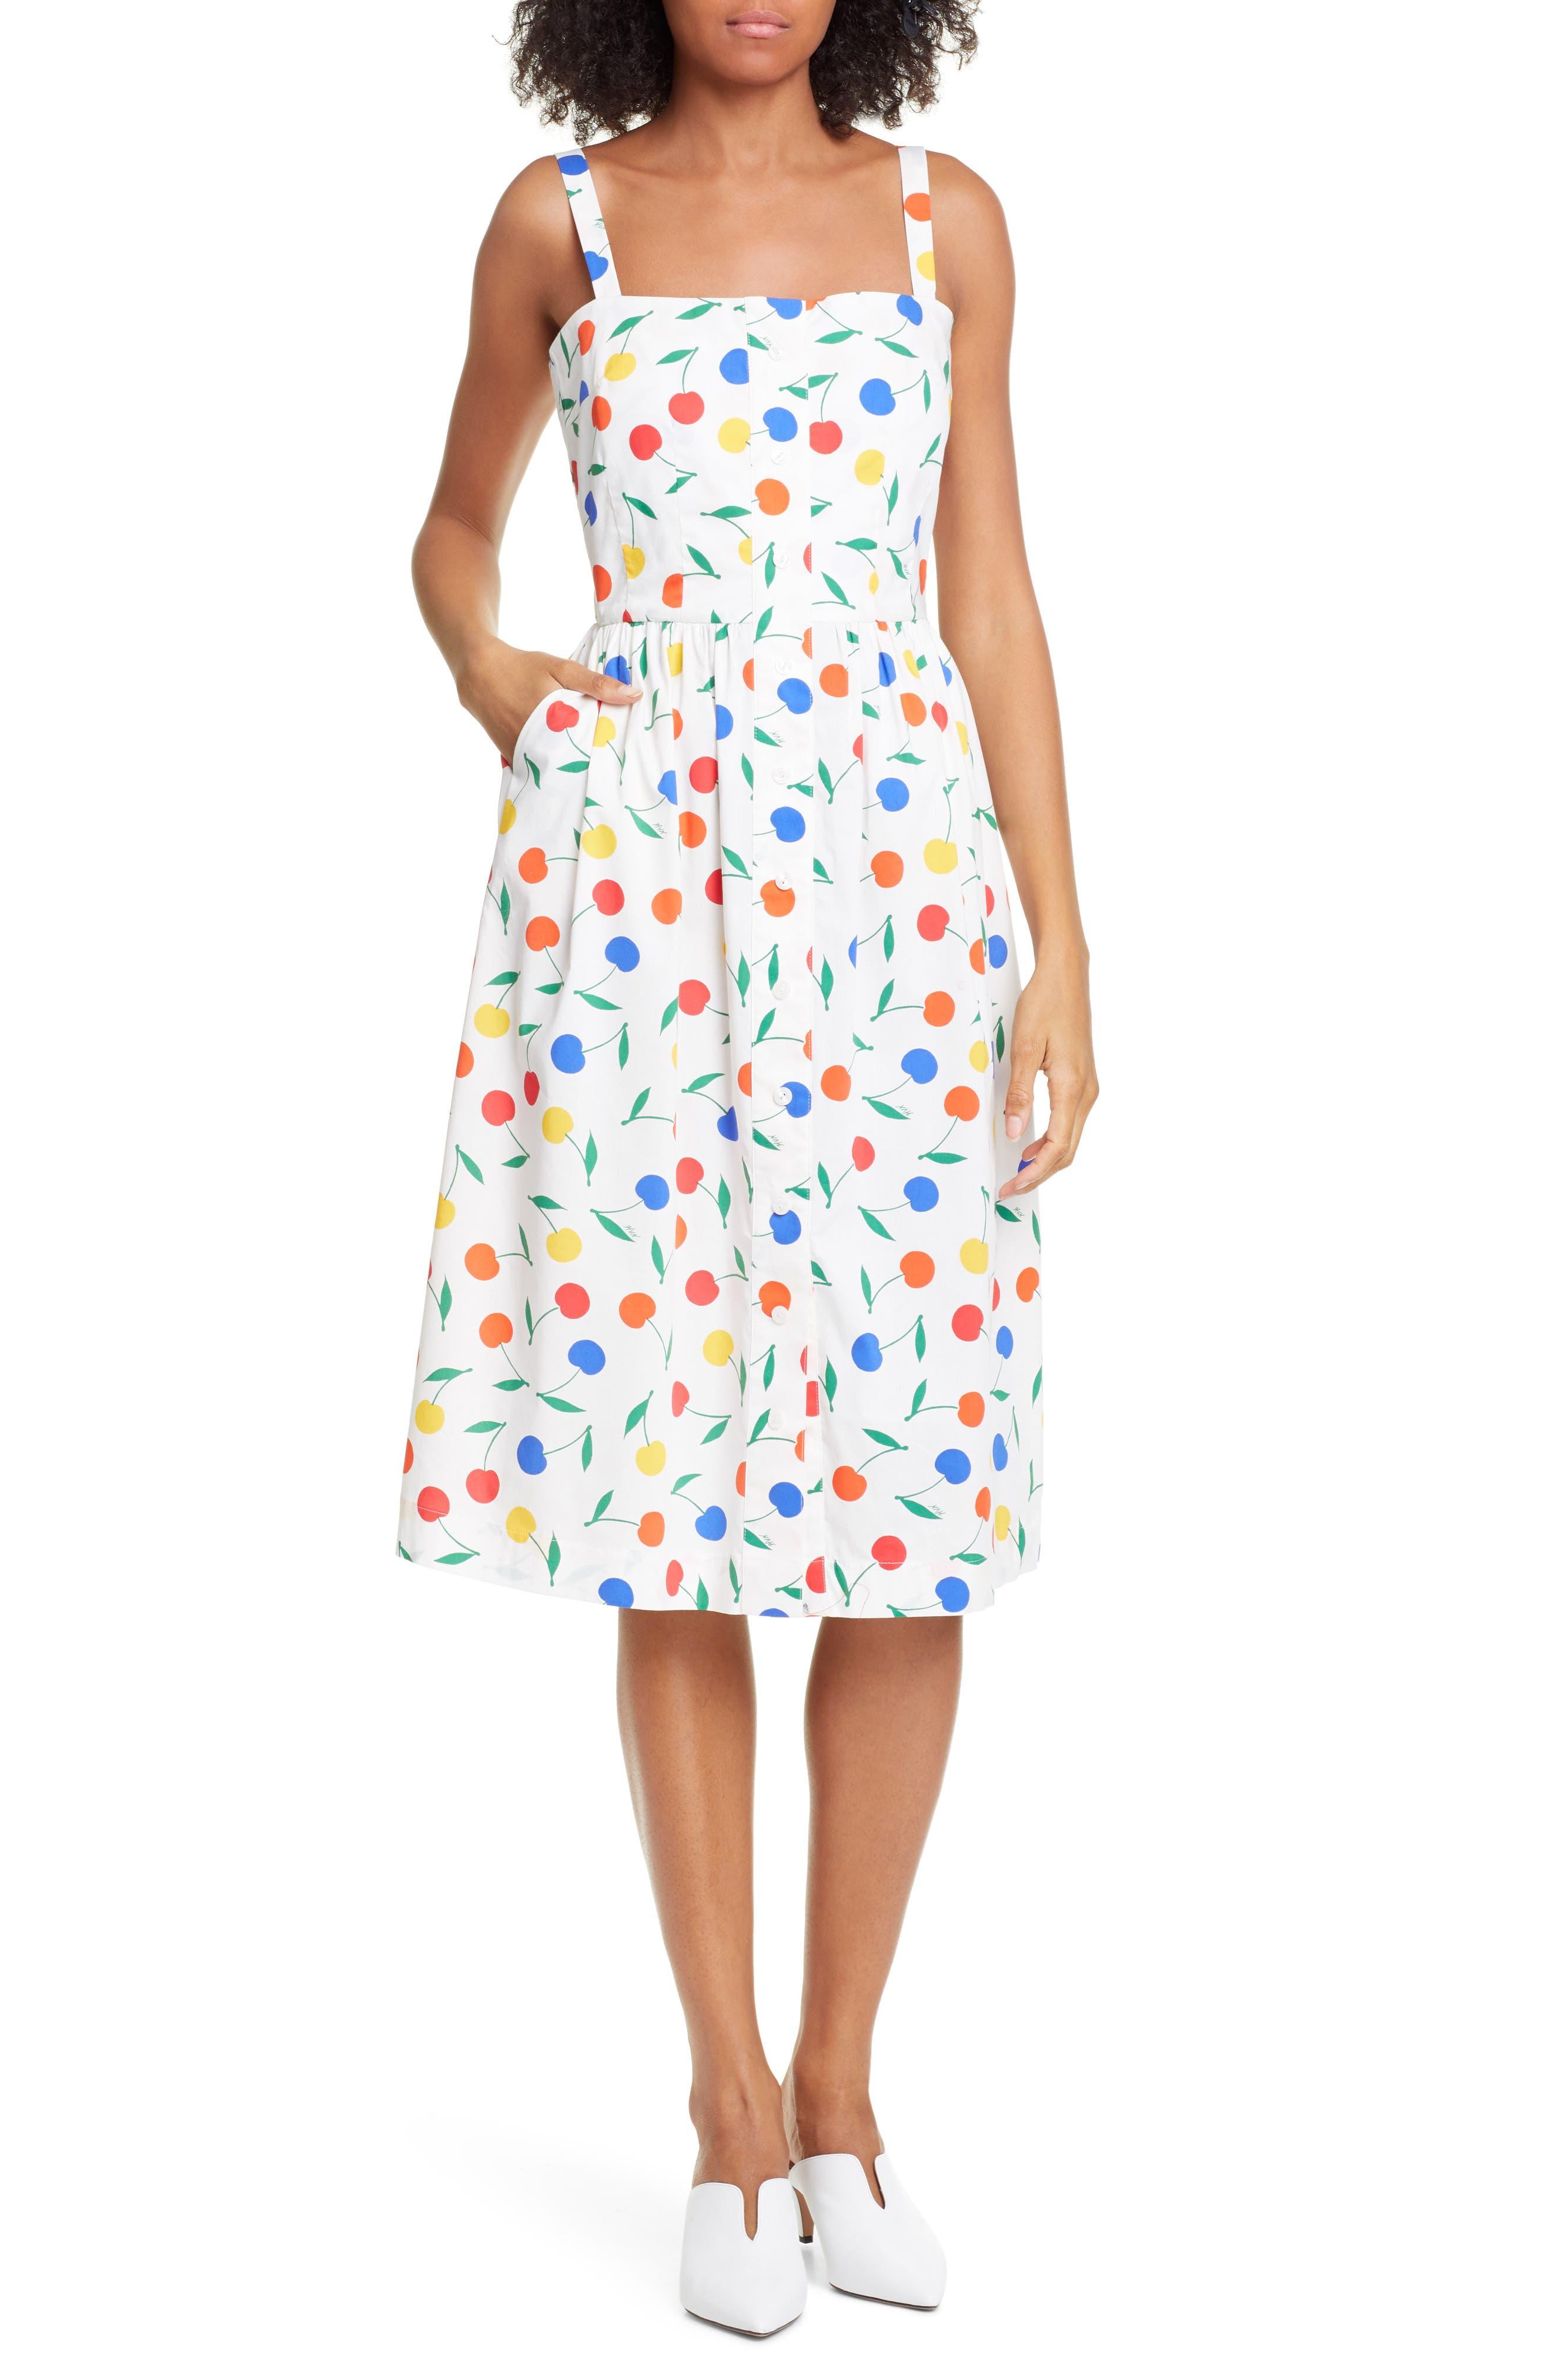 Hvn Laura Fruit Print Dress, White